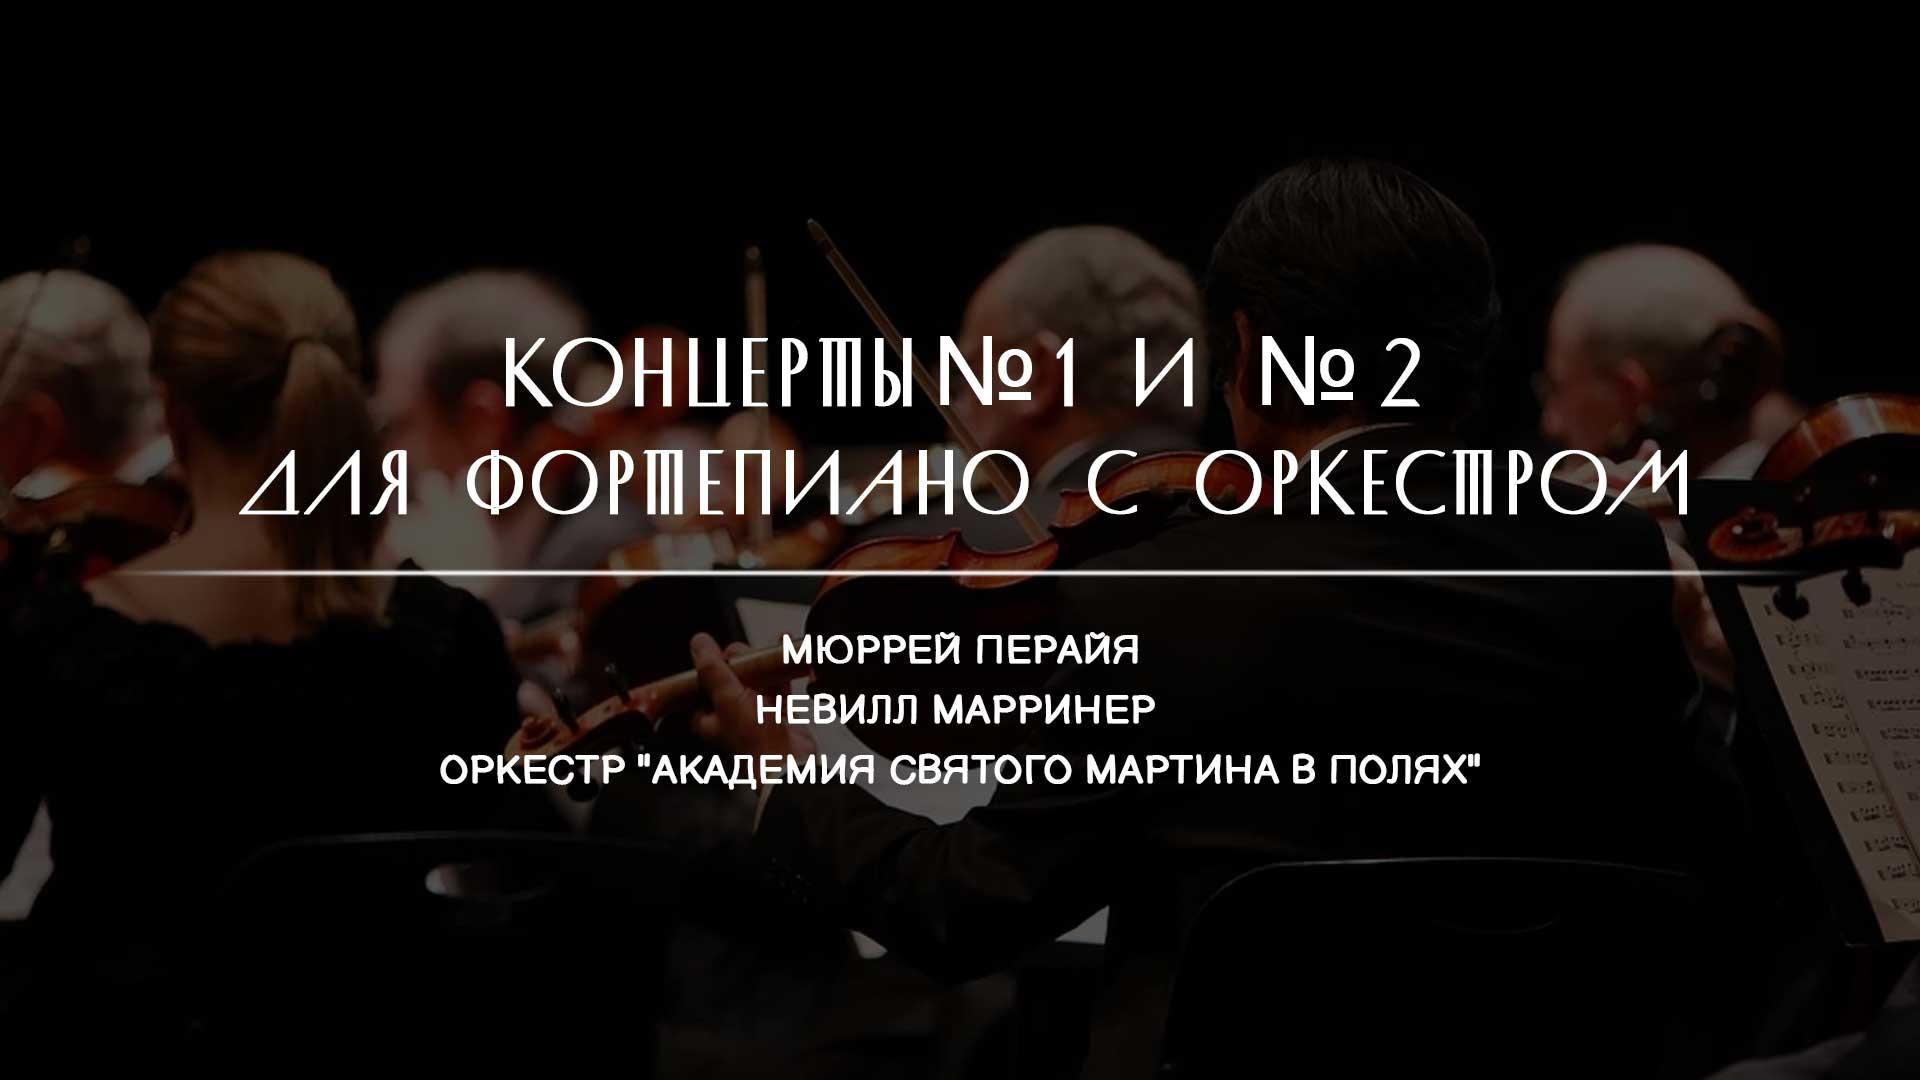 """Концерты №1 и №2 для фортепиано с оркестром. Мюррей Перайя, Невилл Марринер и Оркестр """"Академия Святого Мартина в Полях"""""""